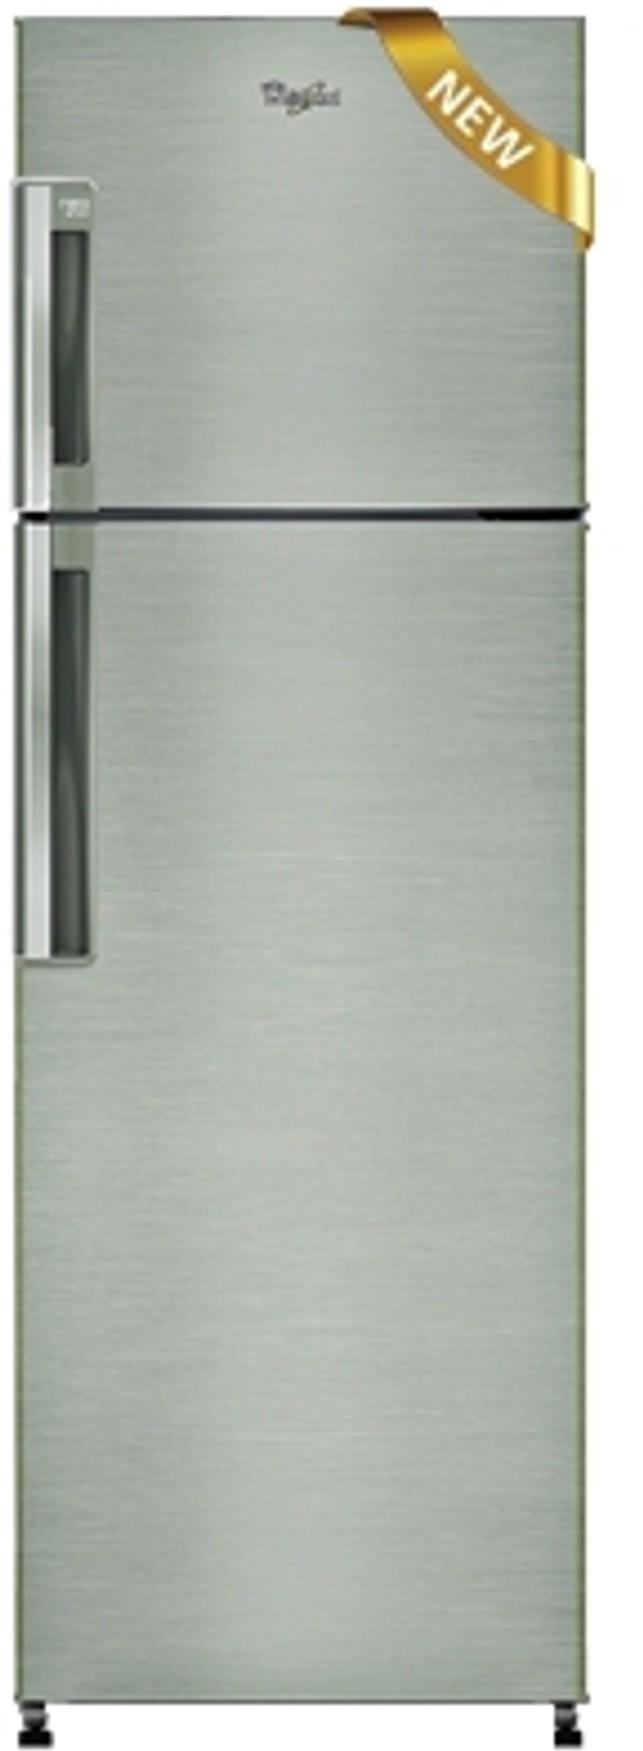 Whirlpool NEO FR258 ROY 3S 245 L Double Door Refrigerator   Refrigerator  (Whirlpool)